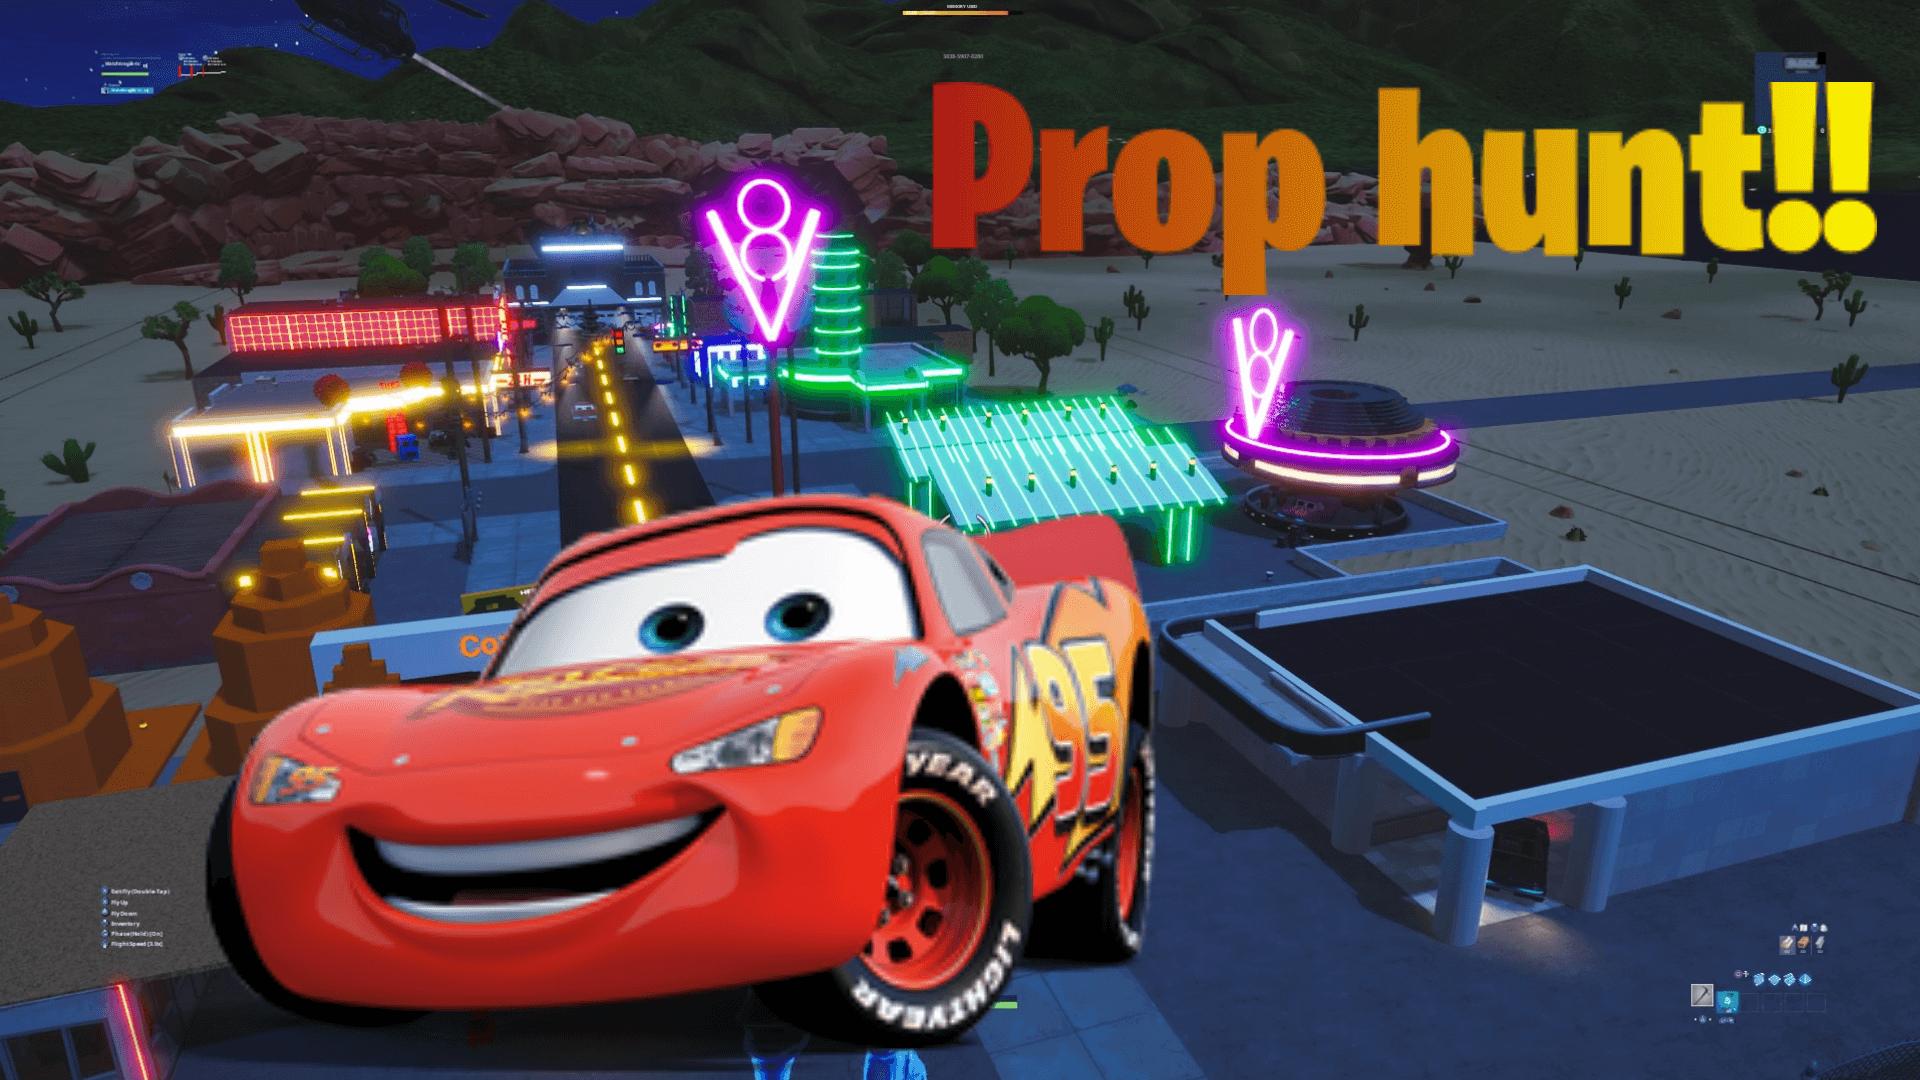 Cars Radiator Springs Prop Hunt Night Fortnite Creative Map Codes Dropnite Com